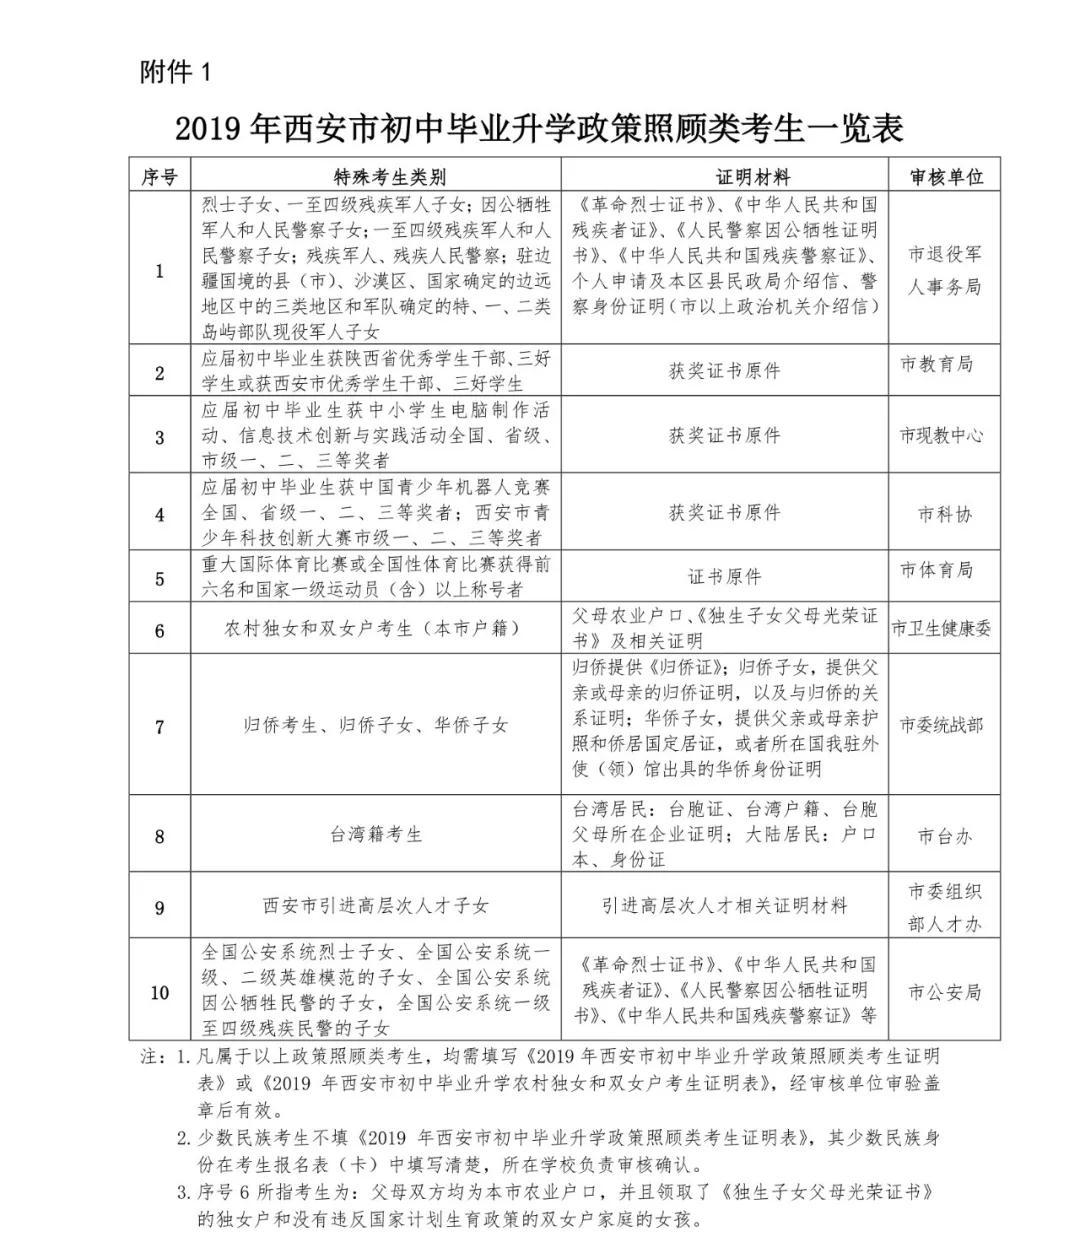 2019年西安中考政策照顾类(加分)考生一览表